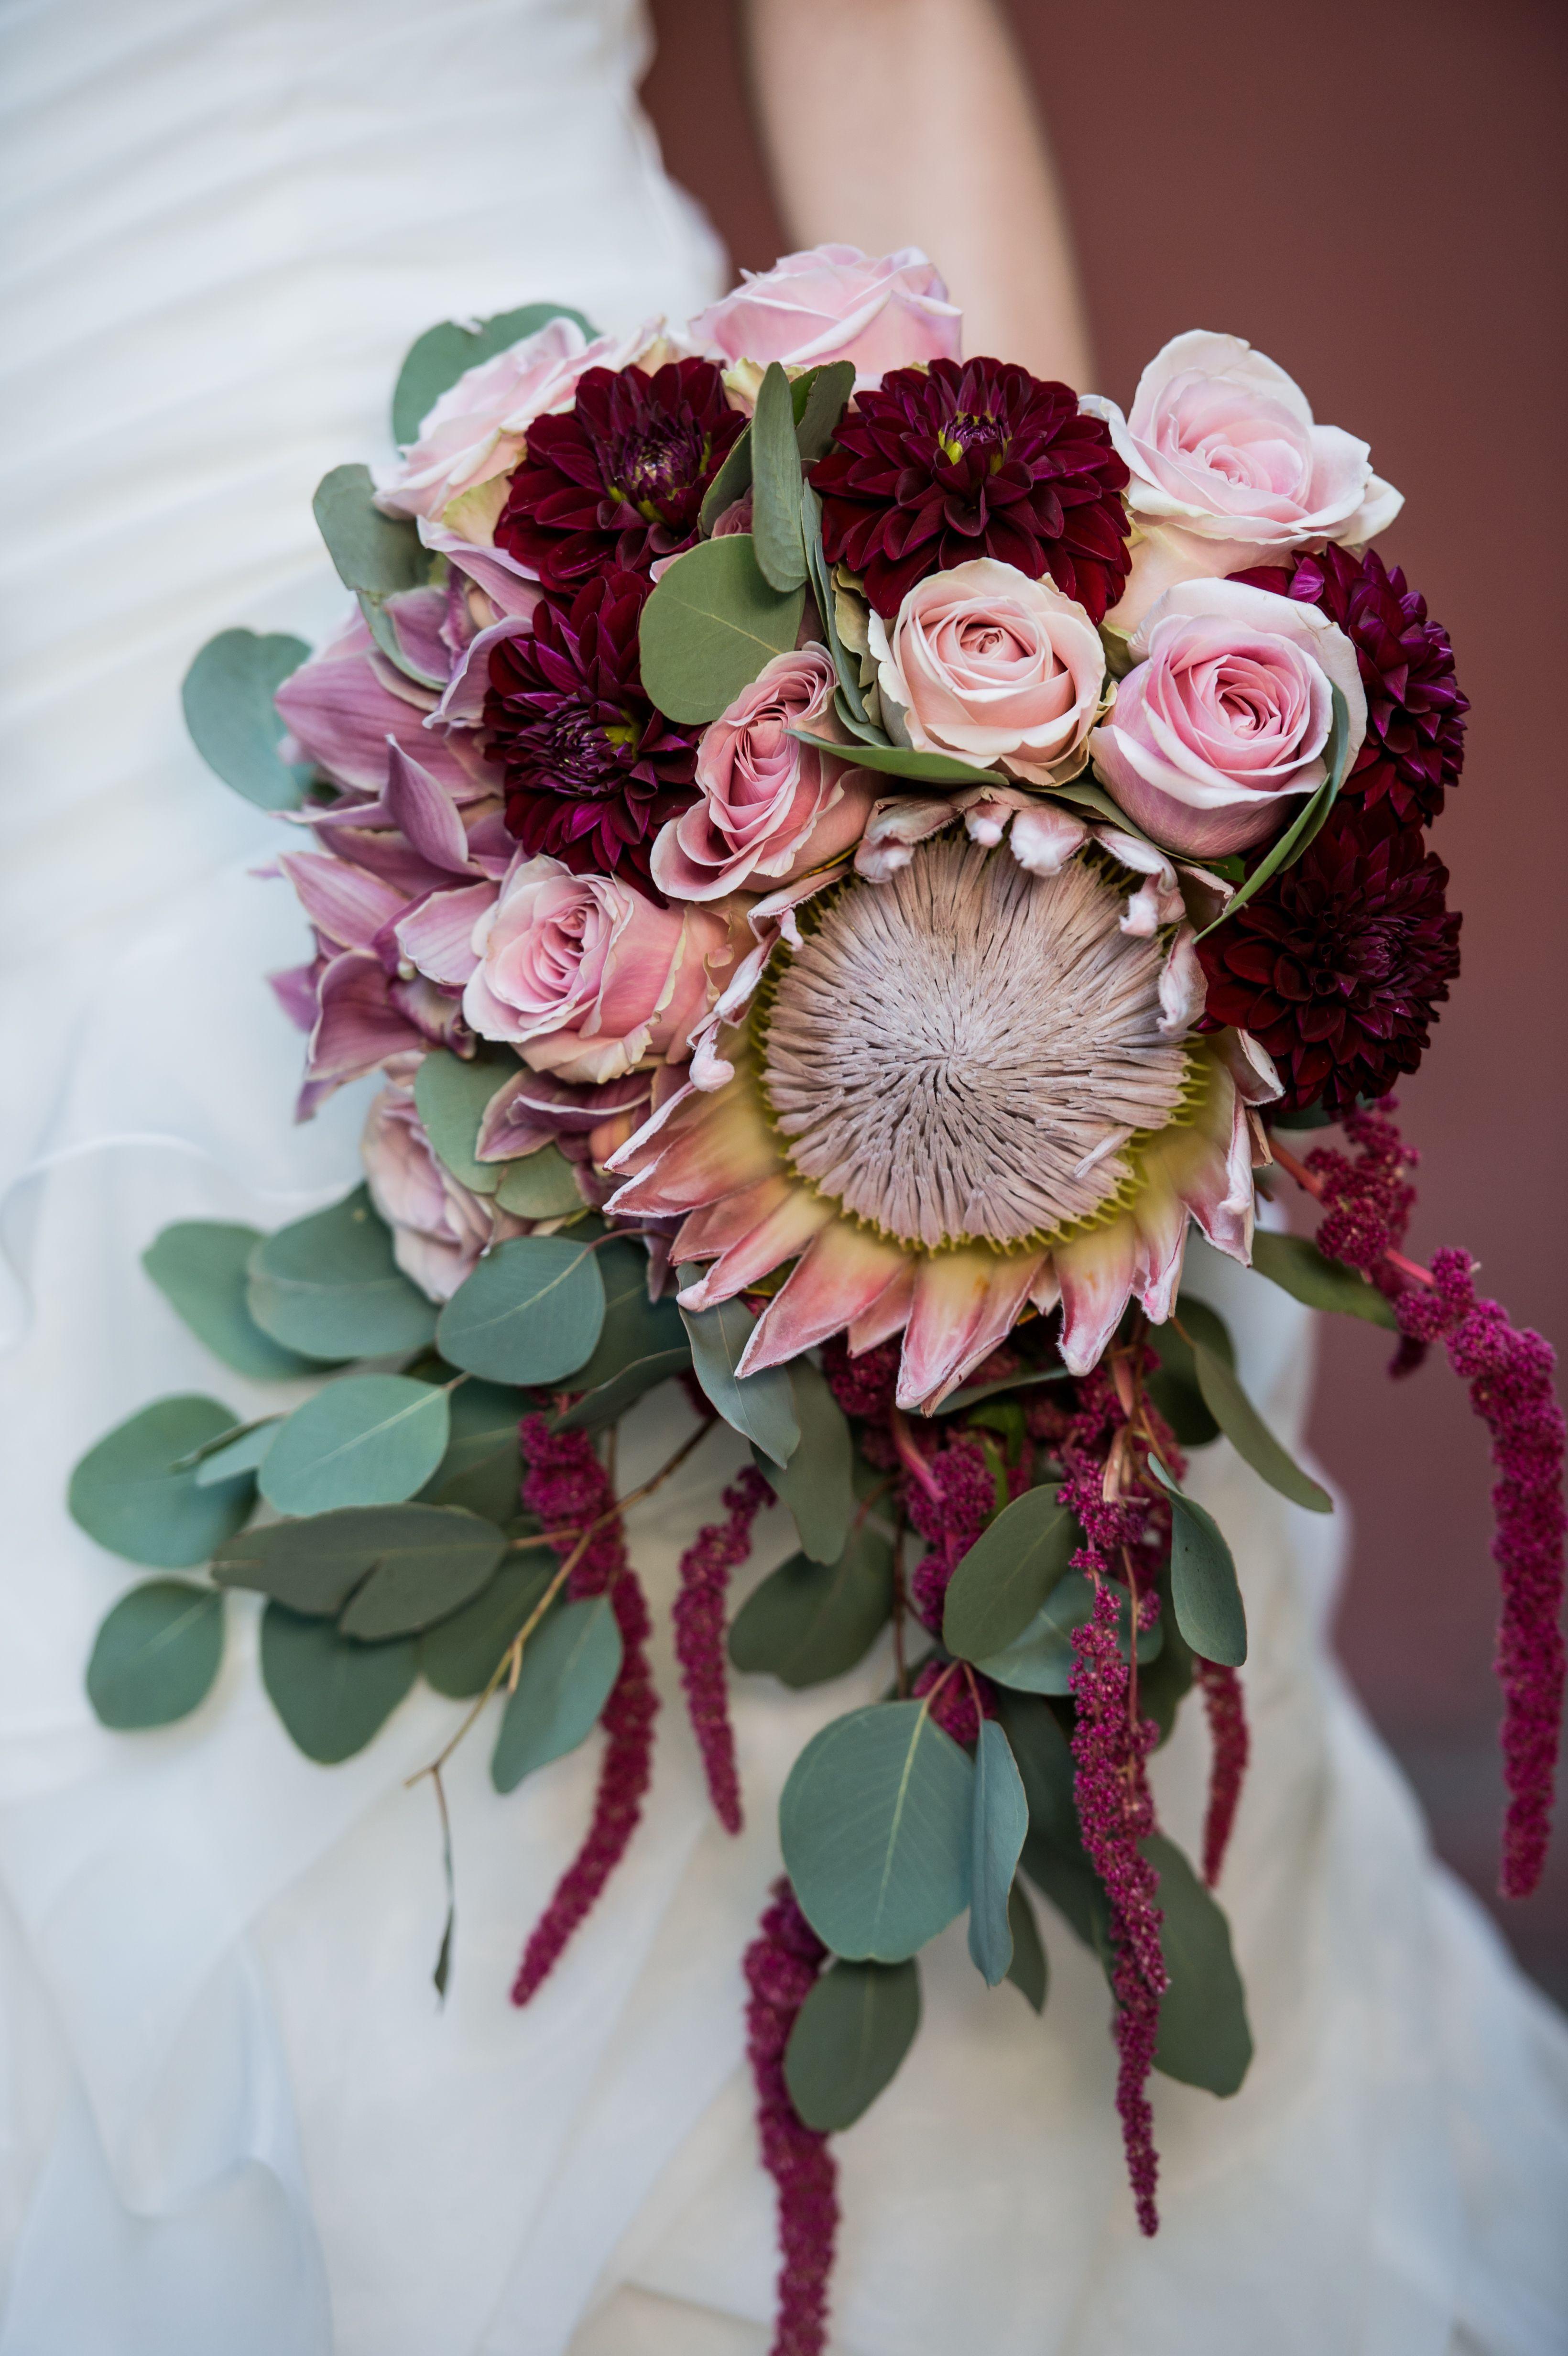 Buchet De Mireasa Curgator Cu Orhidee Dalii Trandafiri Protea